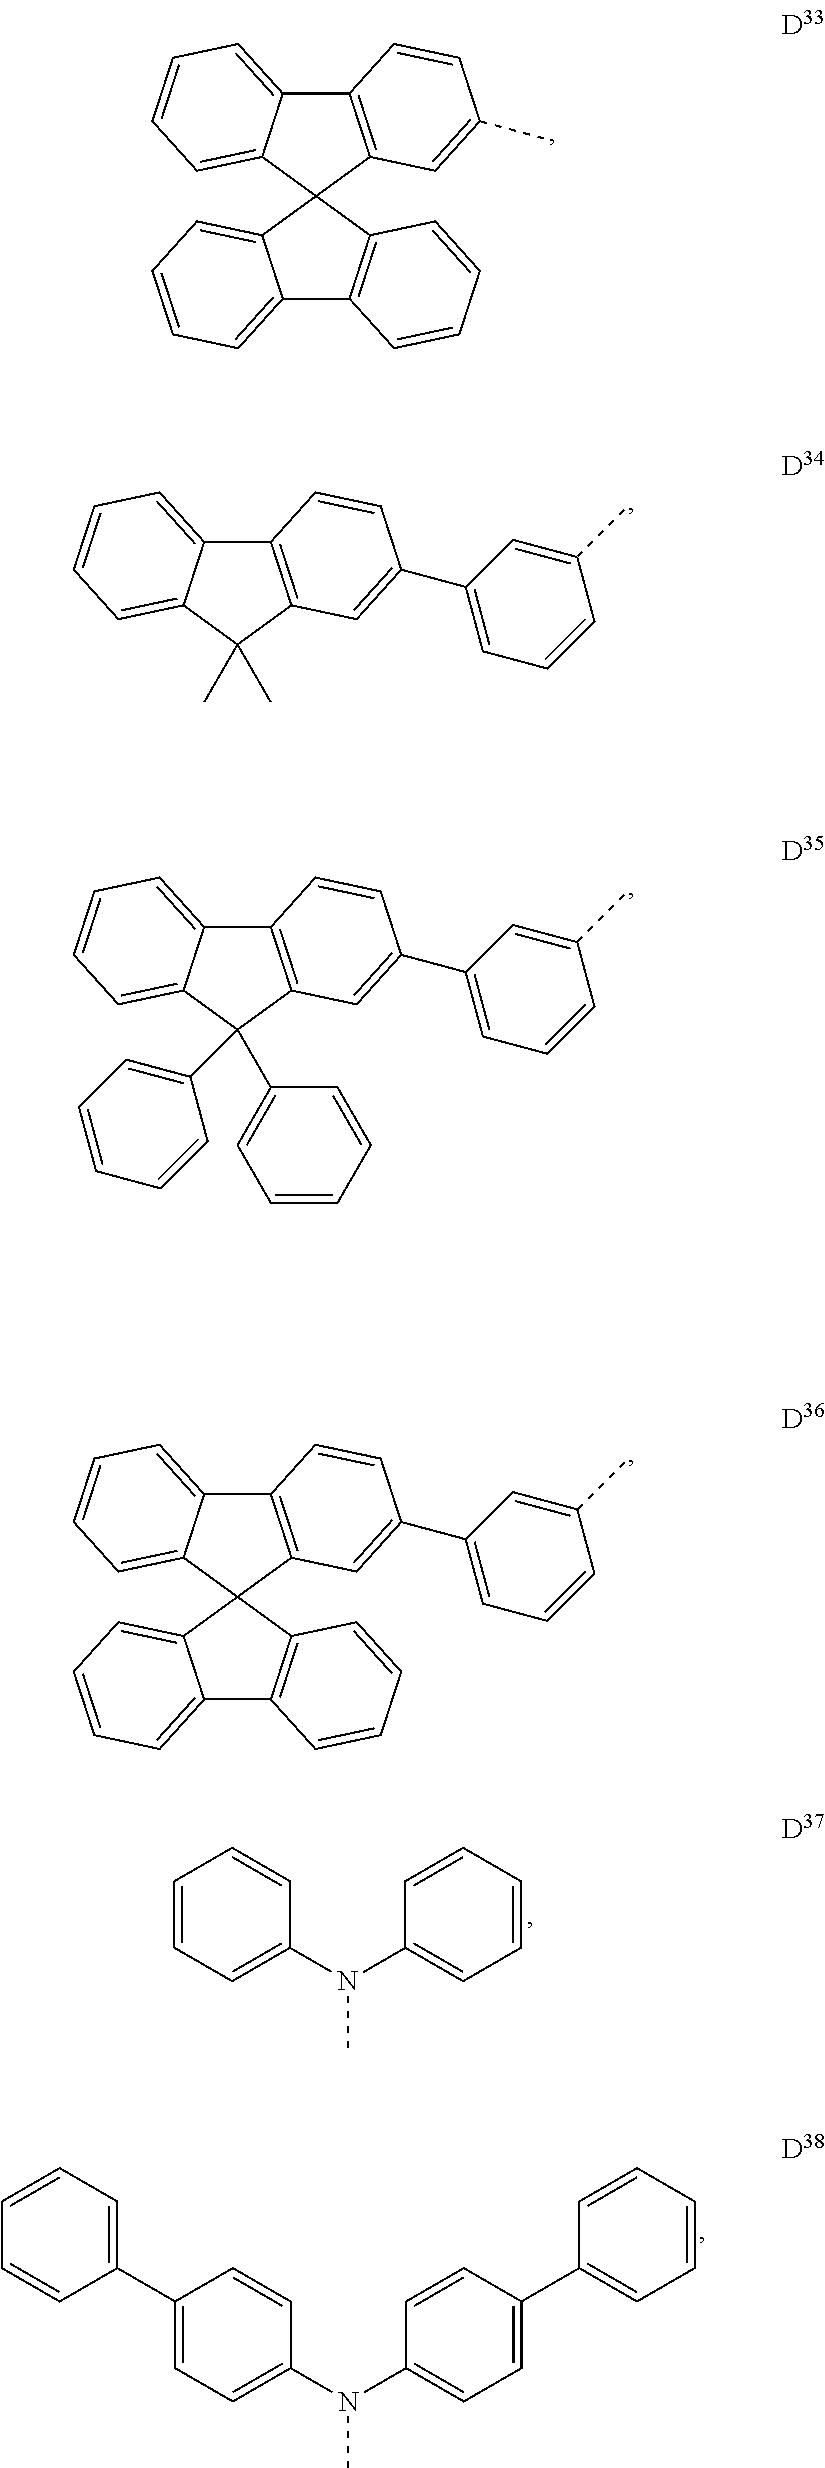 Figure US20170033295A1-20170202-C00040